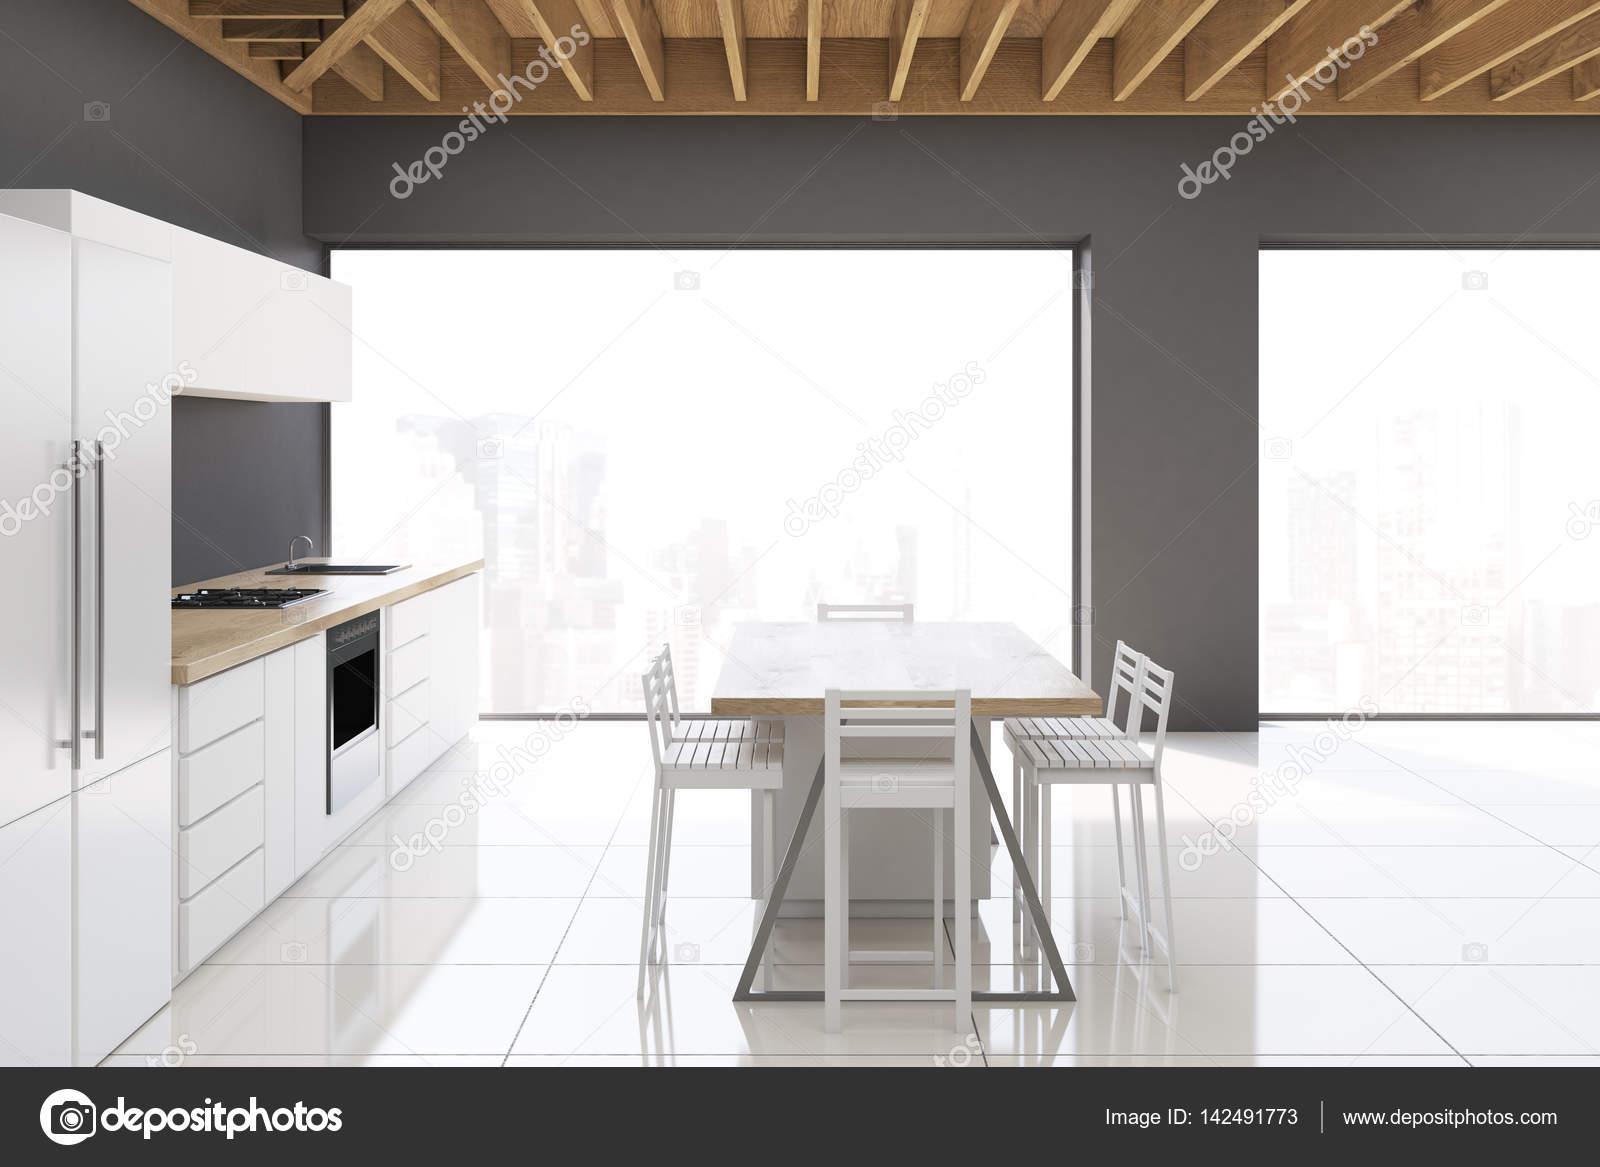 Cozinha Com Fezes E Quadro Estreito Lado Fotografias De Stock